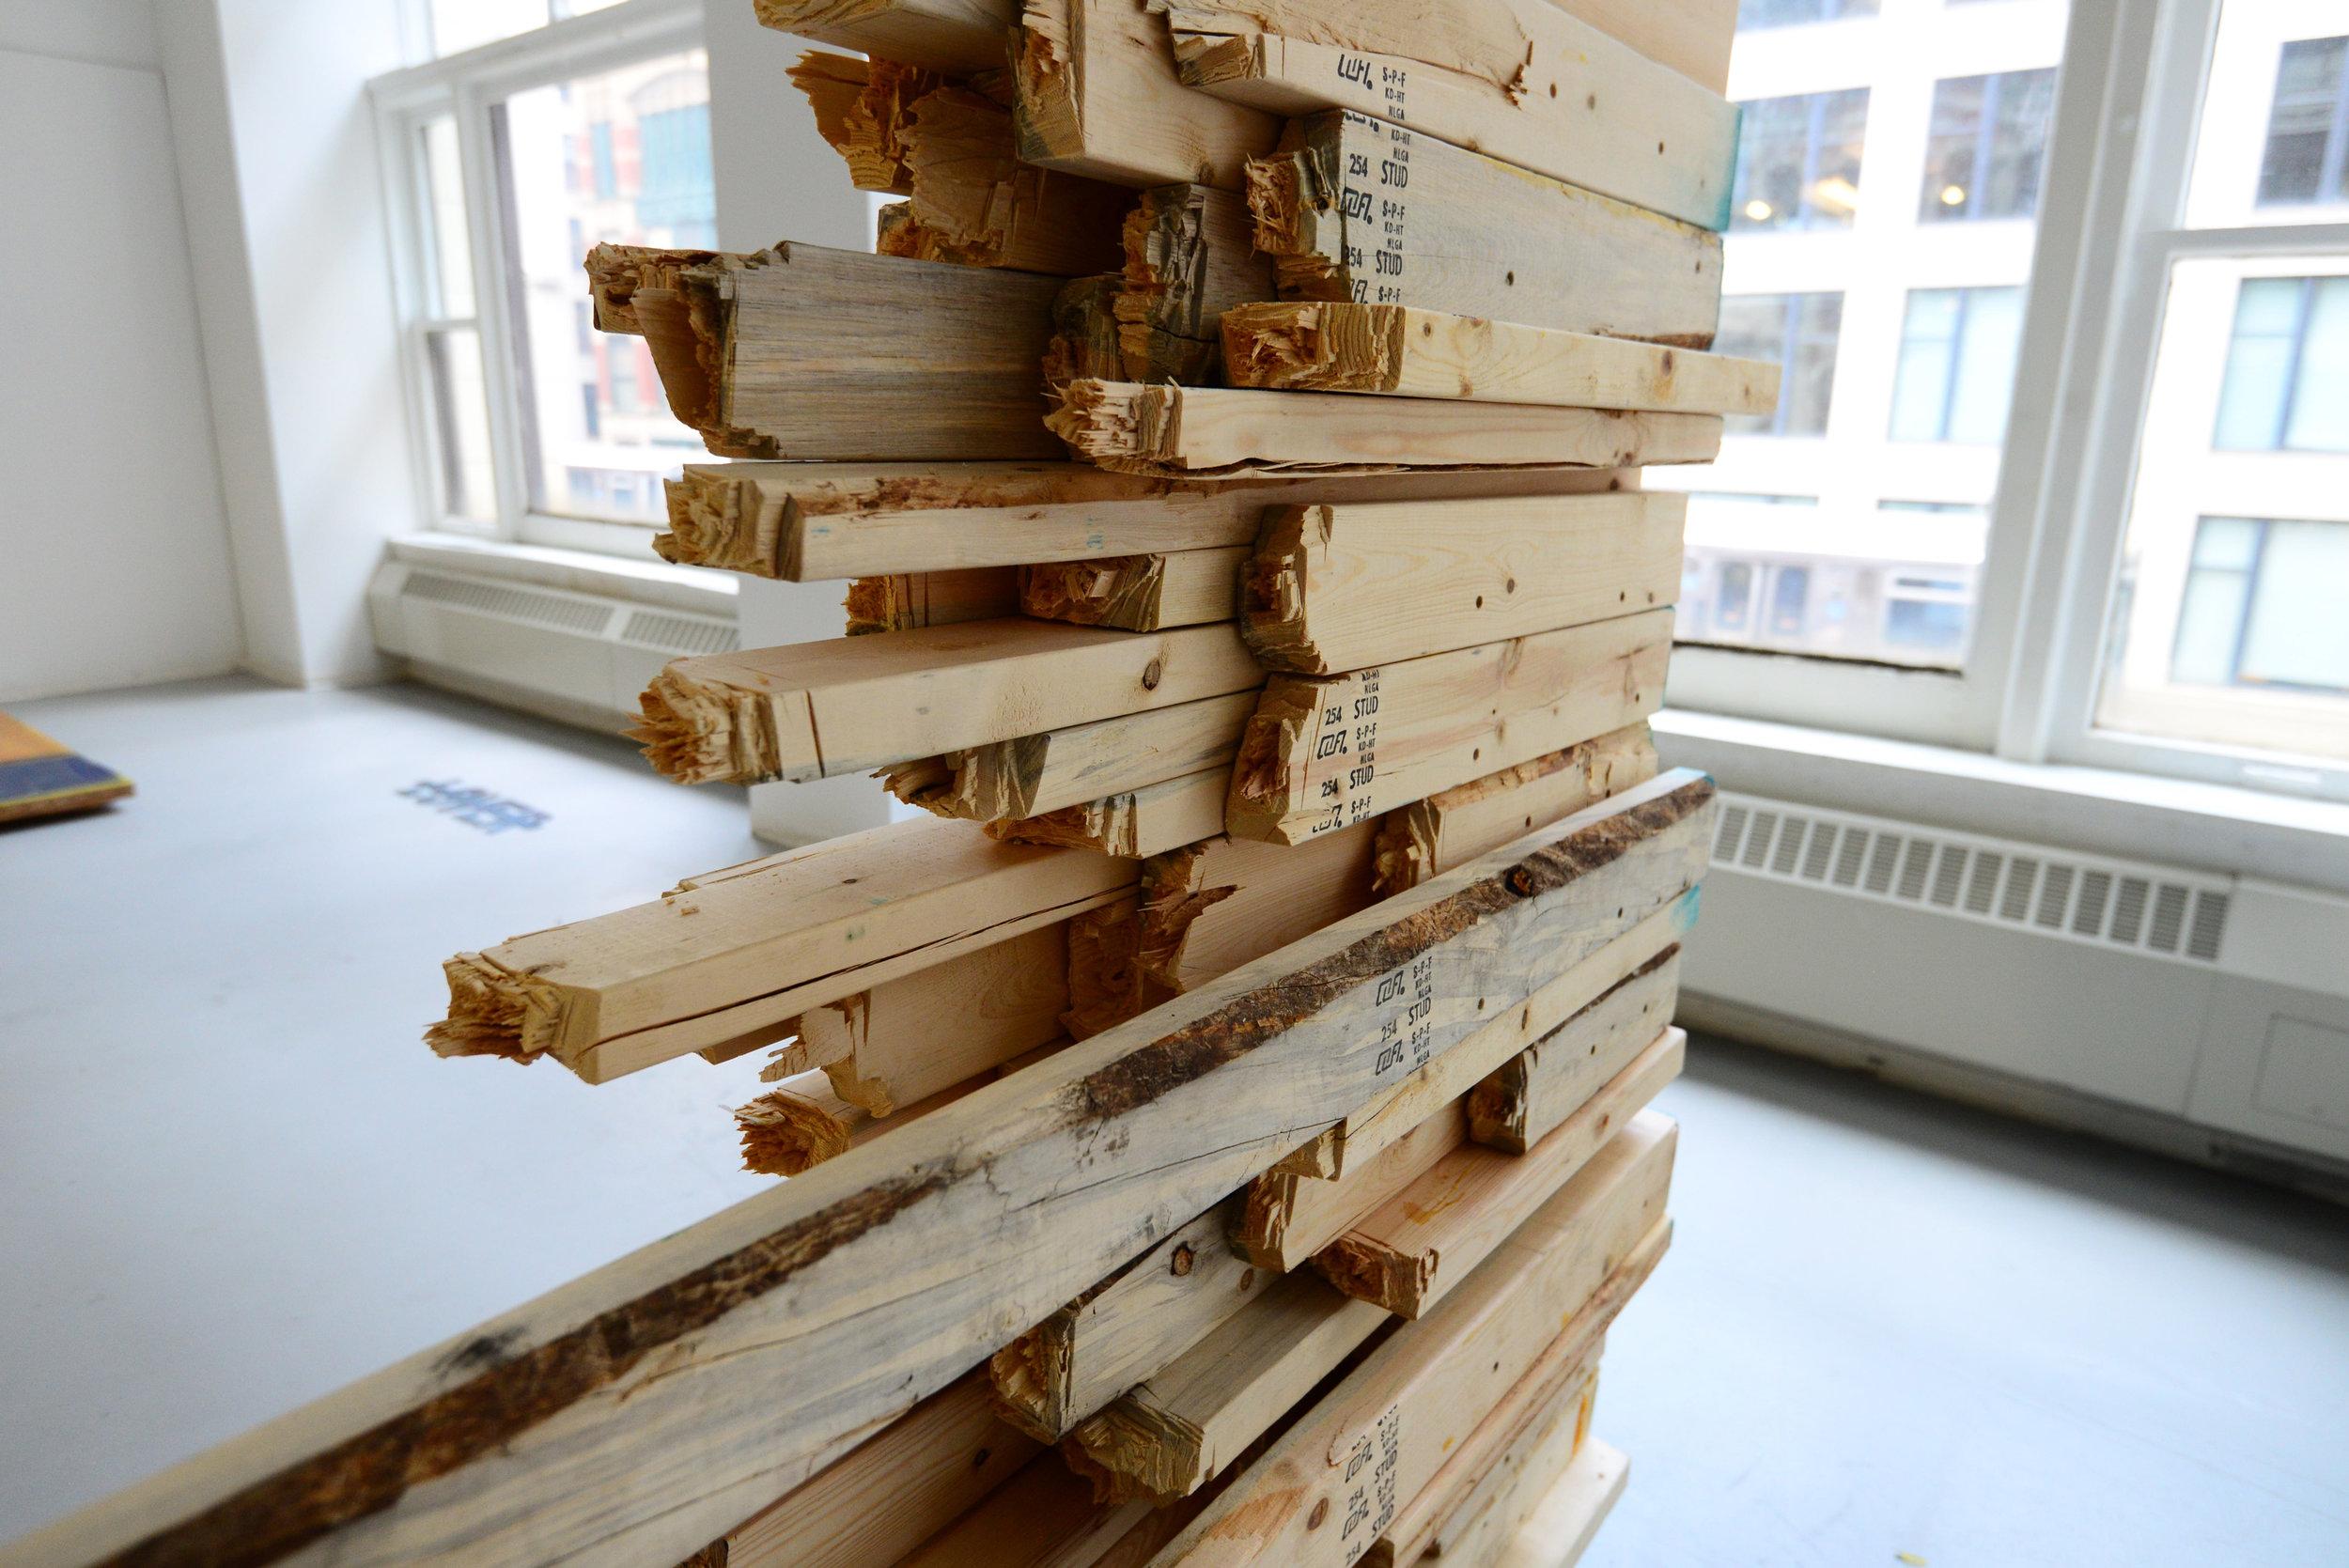 Jacqueline-Surdell-Artist-Installation-Shuddering-Turns-to-Sobbing-07.jpg